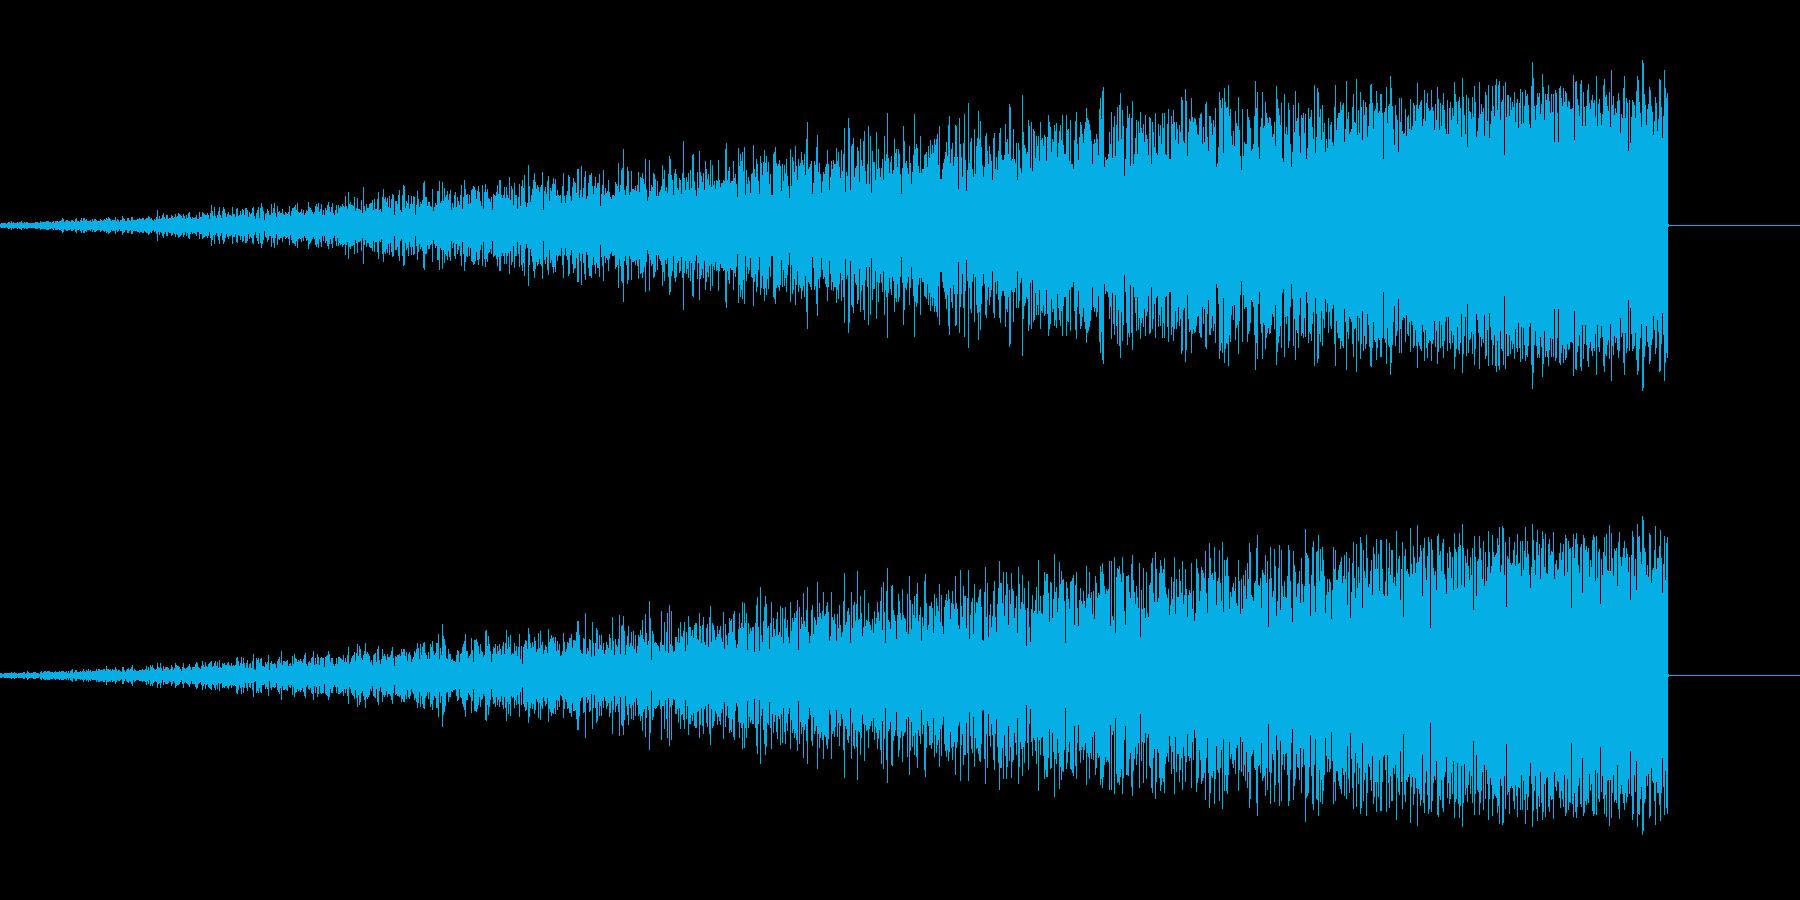 不安を煽る上昇音1の再生済みの波形